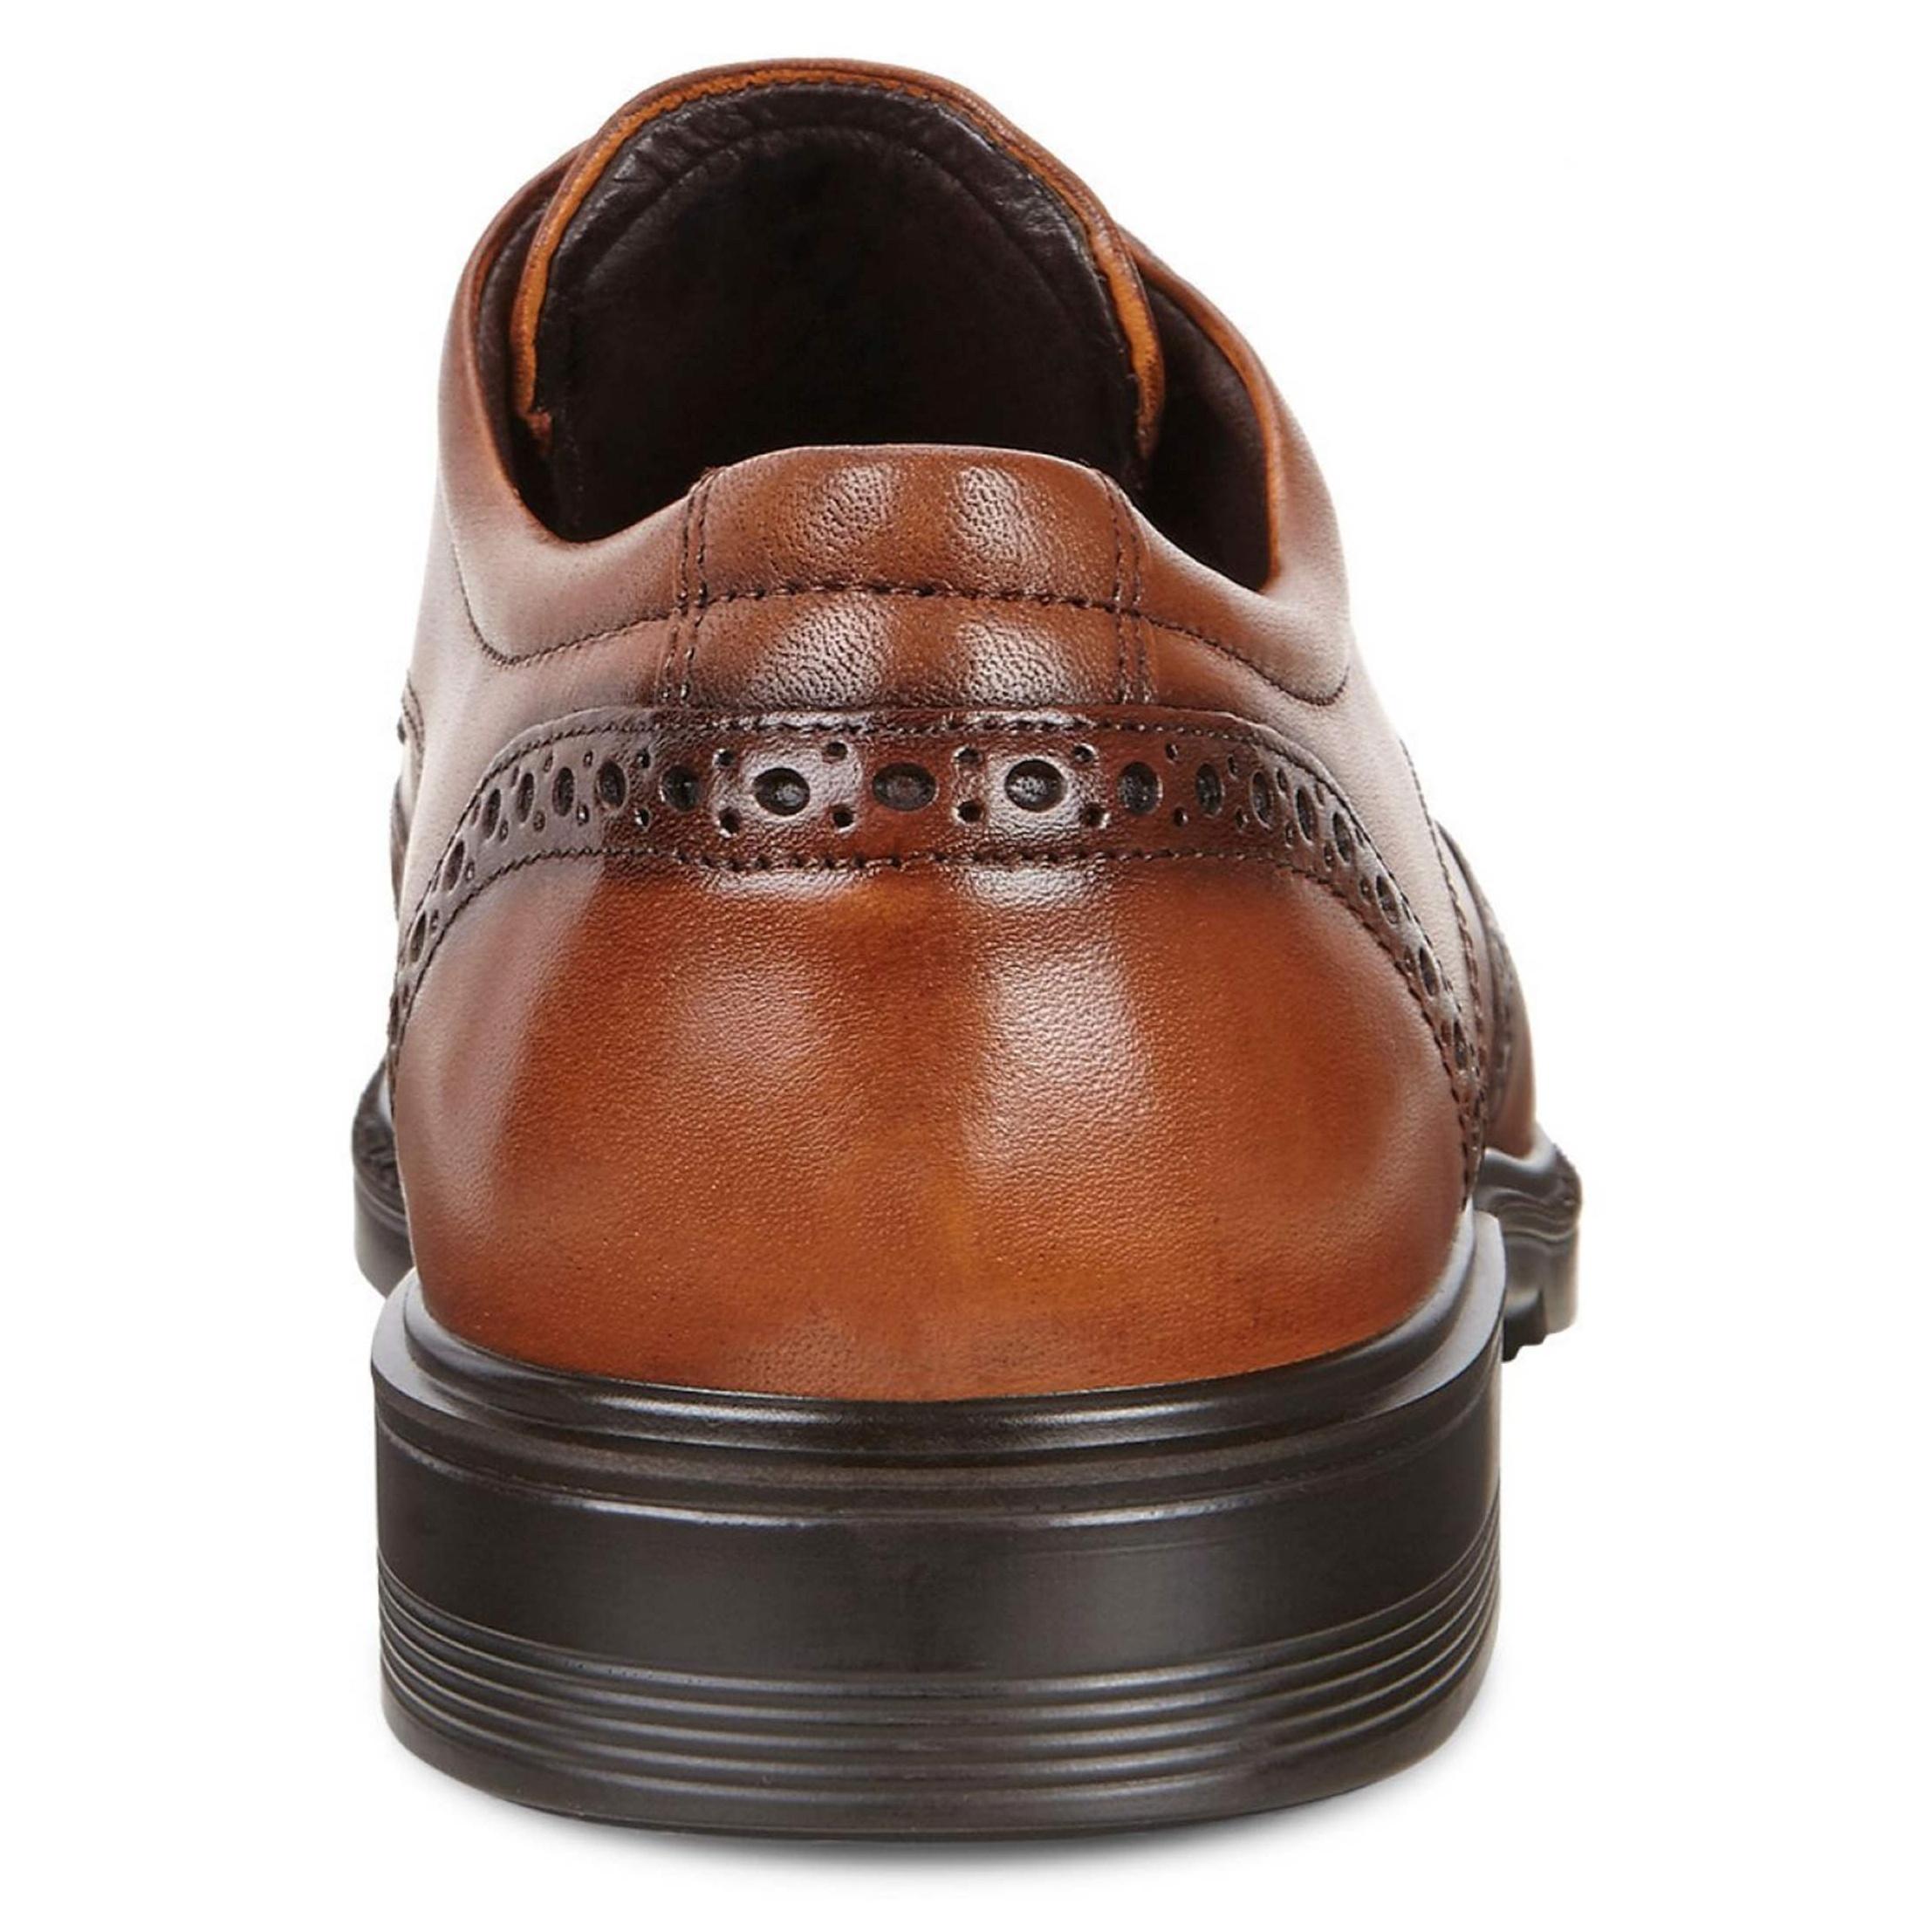 کفش رسمی چرم مردانه Lisbon - اکو - قهوه اي  - 3